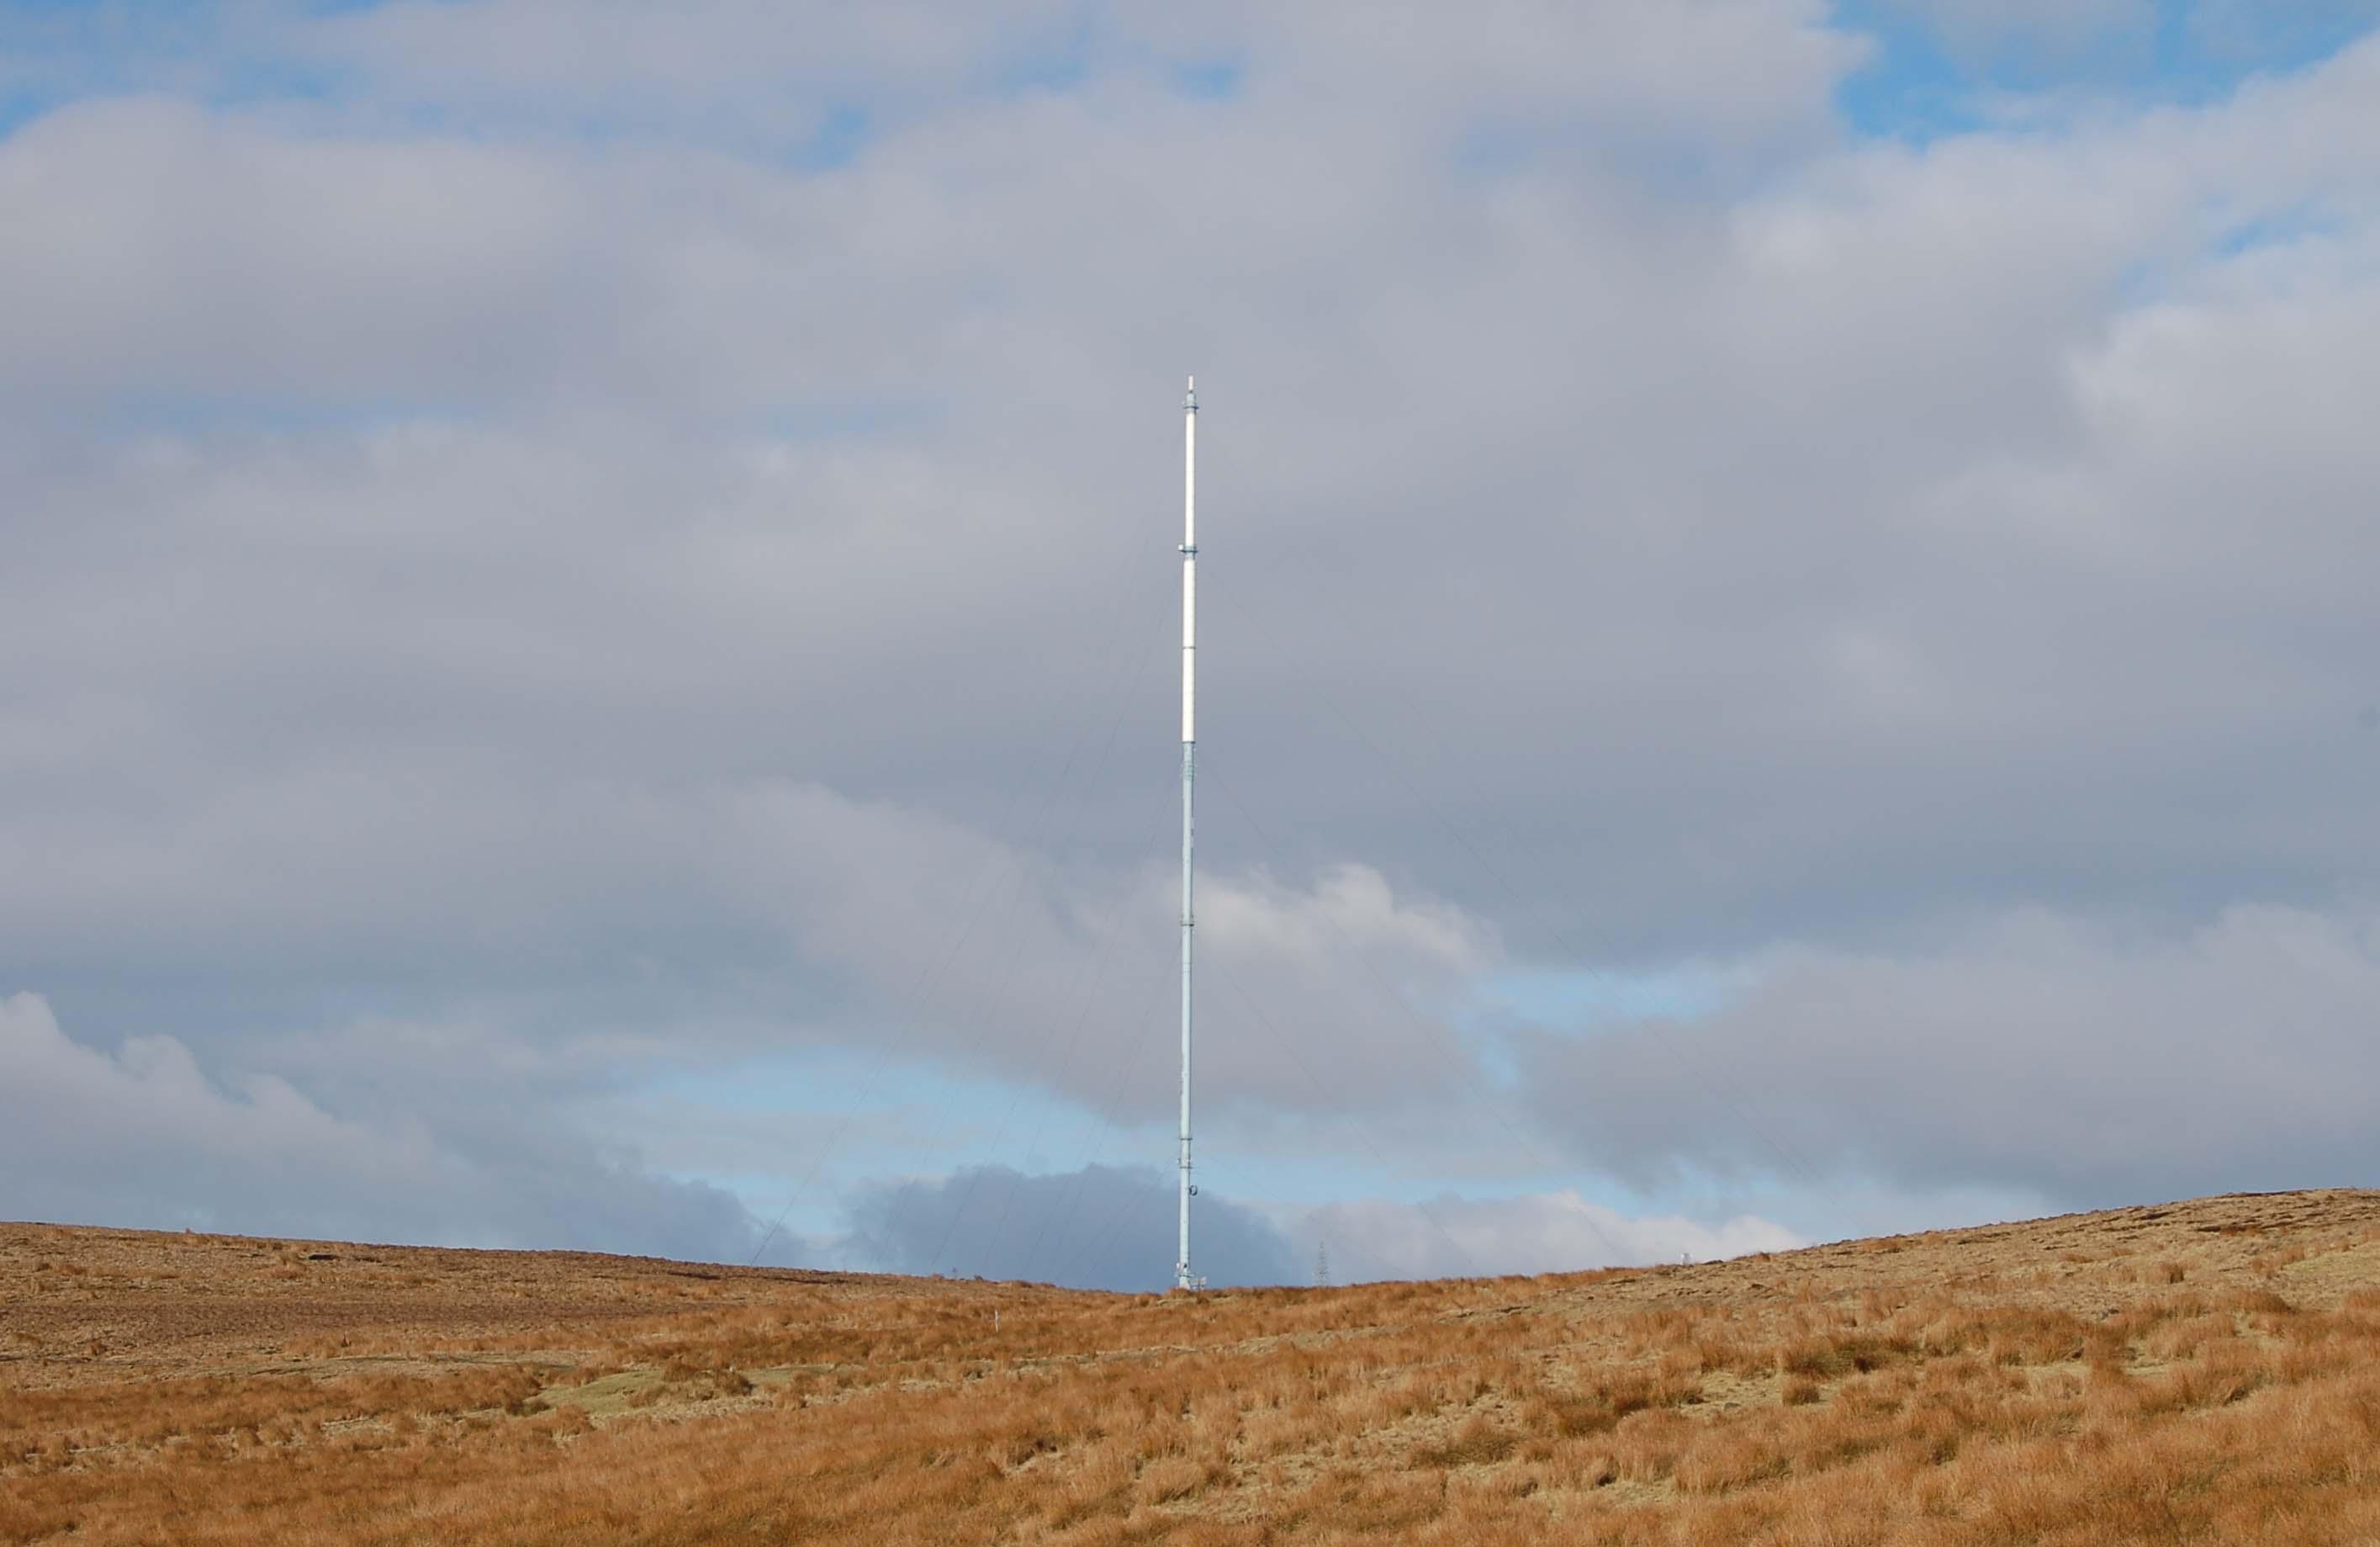 Winter Hill transmitting station - Wikipedia